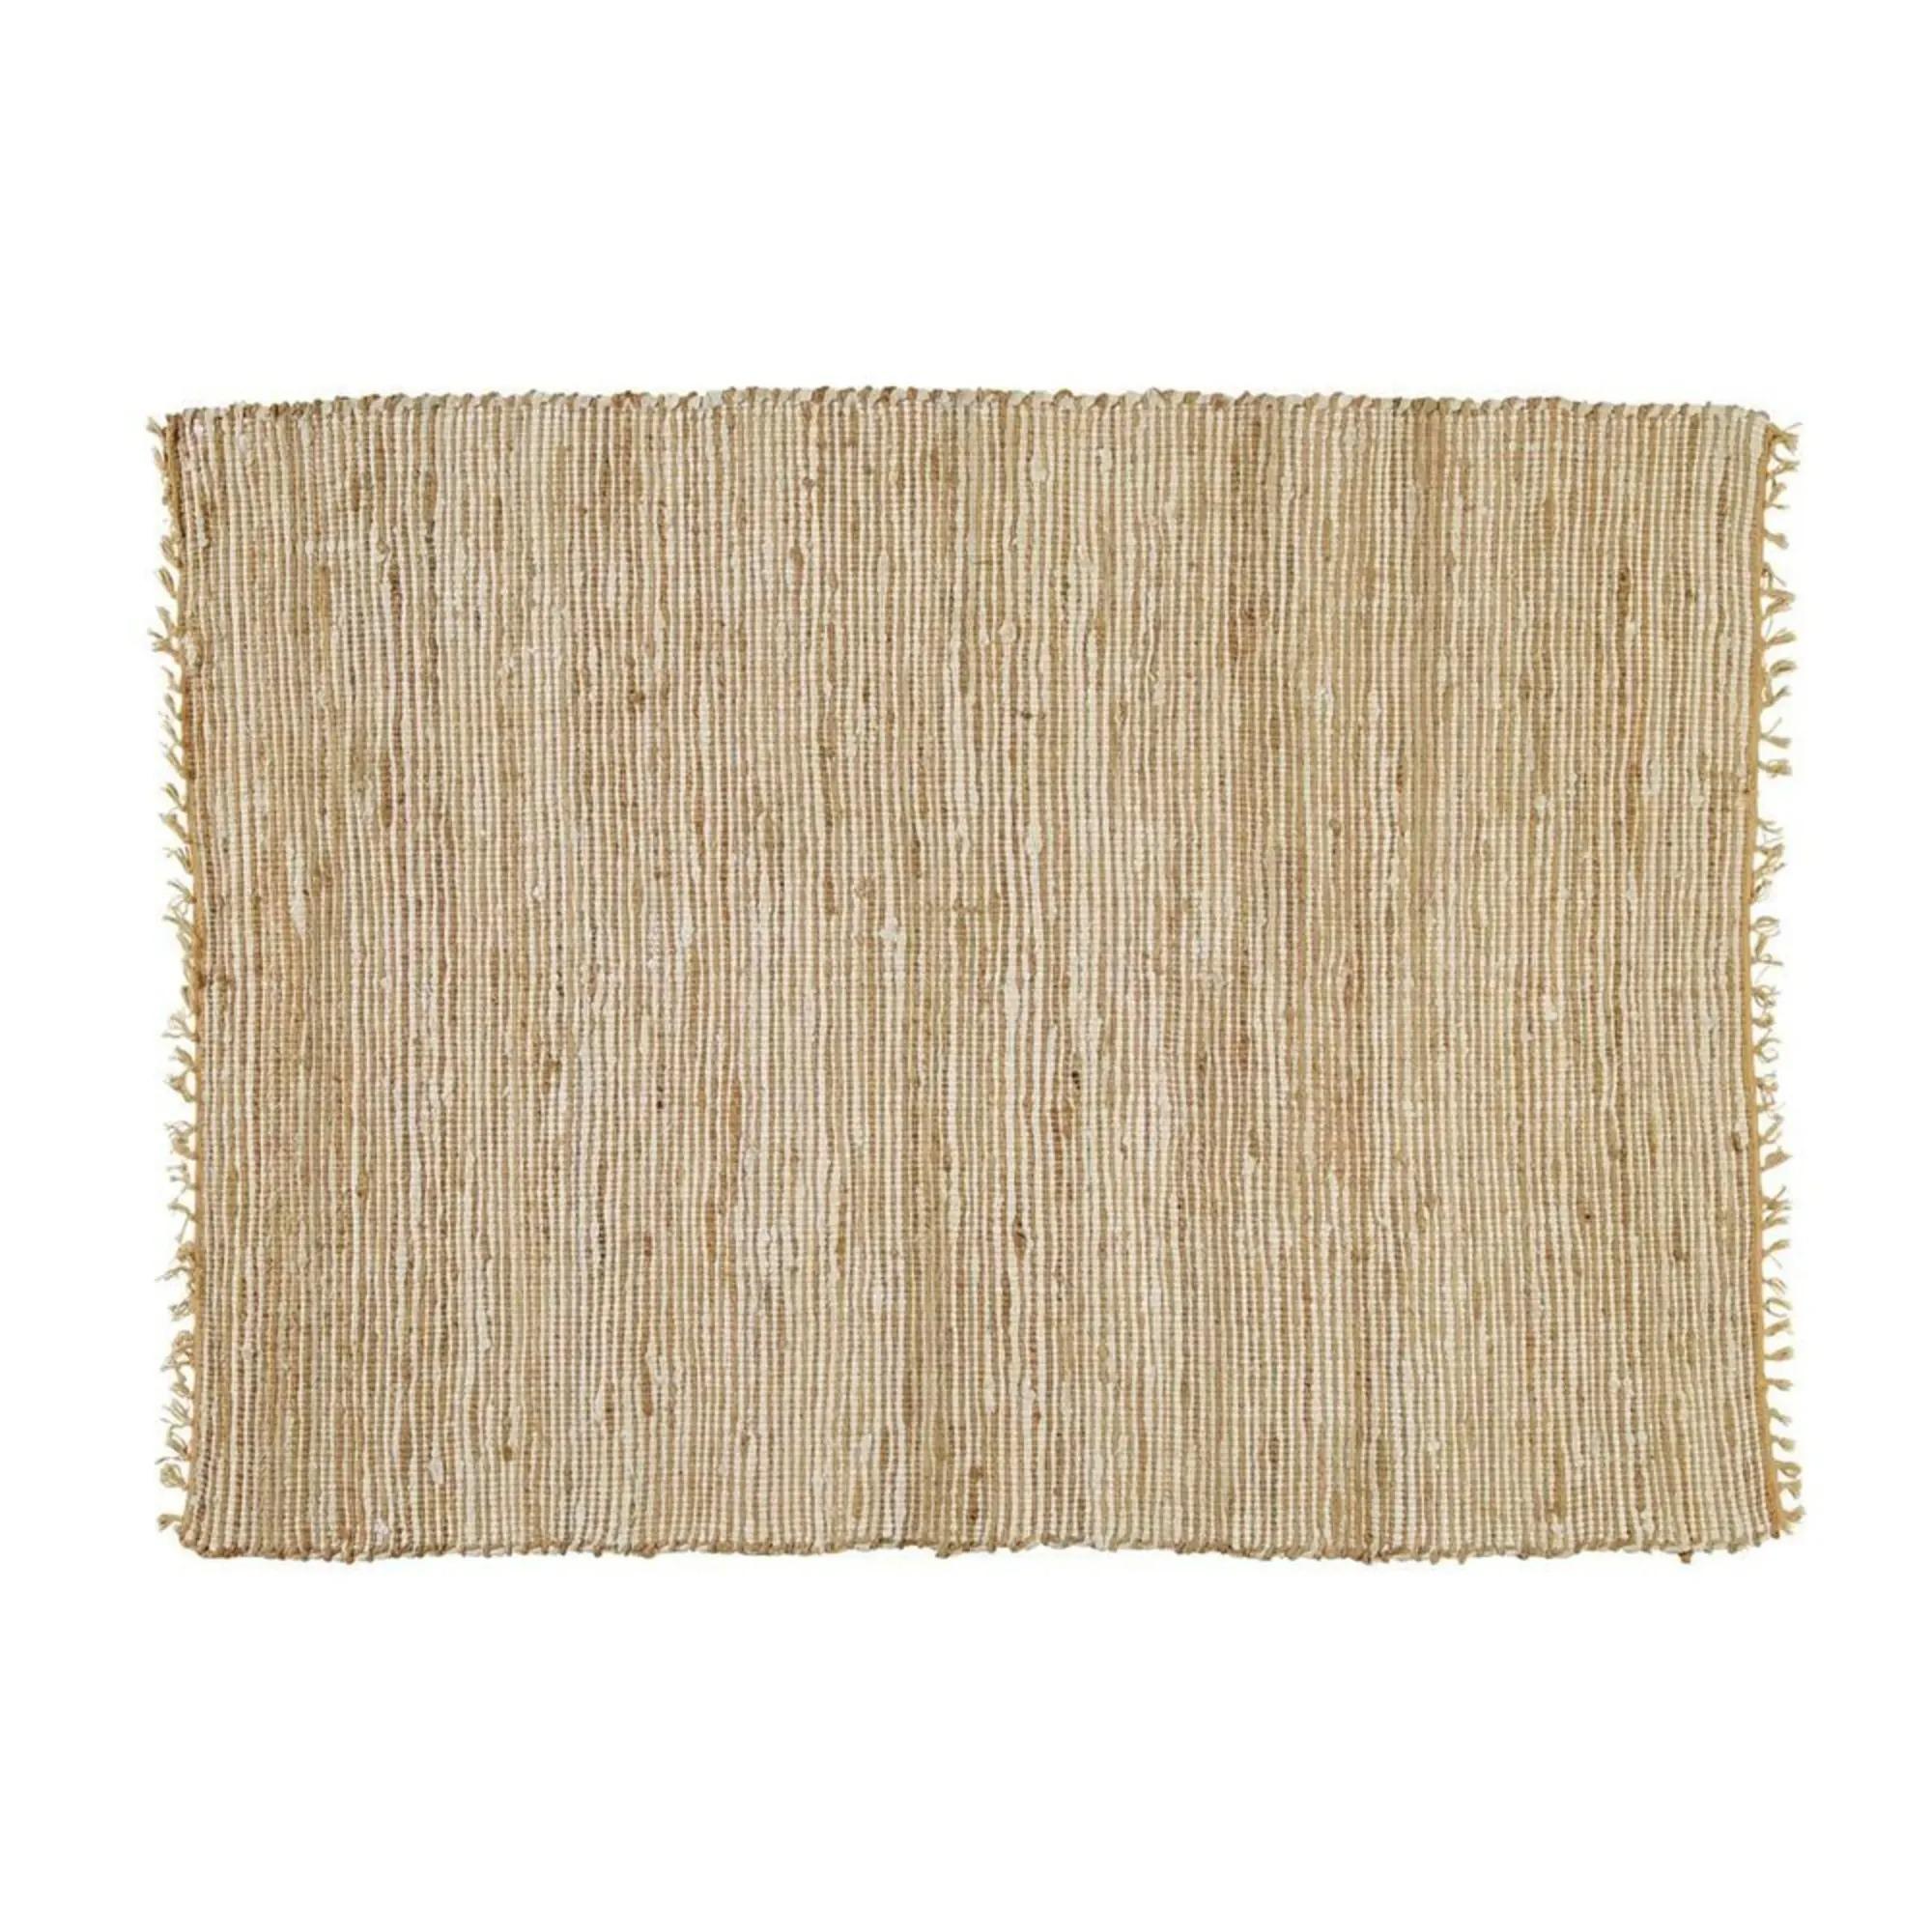 LODGE.- Alfombra trenzada de algodón y yute 200 x 300 cm